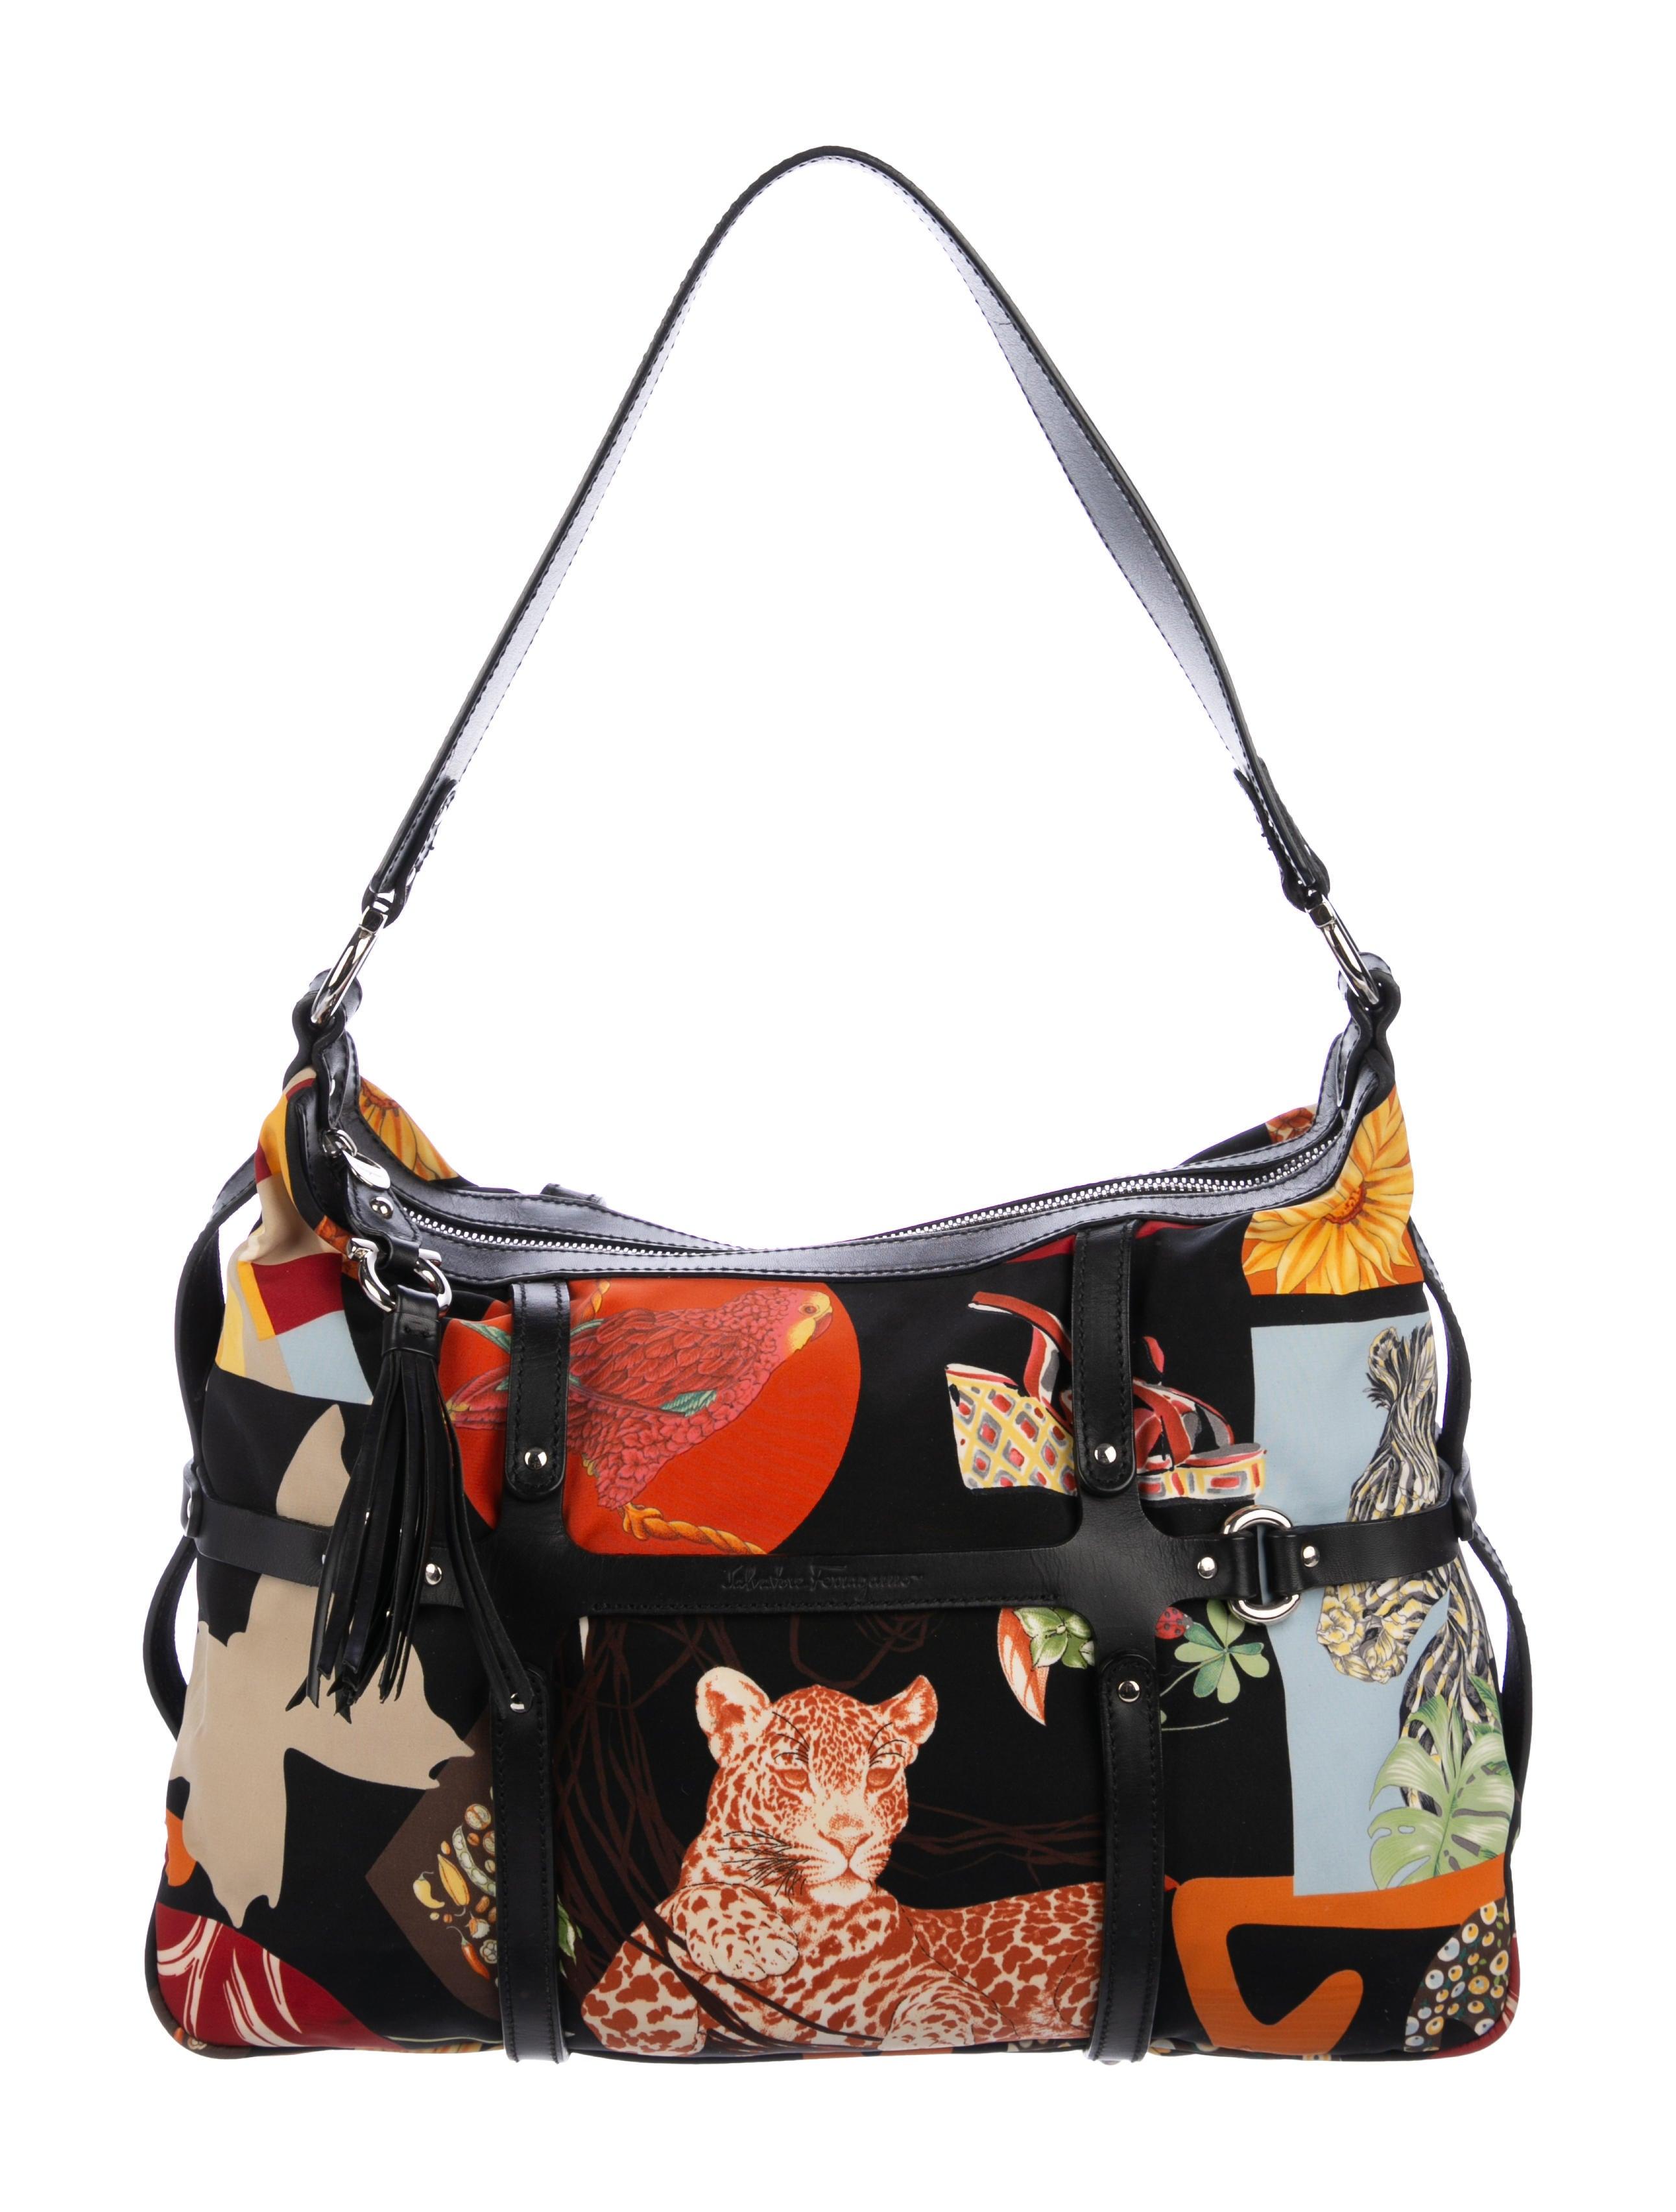 c6c7f31448 Salvatore Ferragamo Fiera Print Shoulder Bag - Handbags - SAL80714 ...